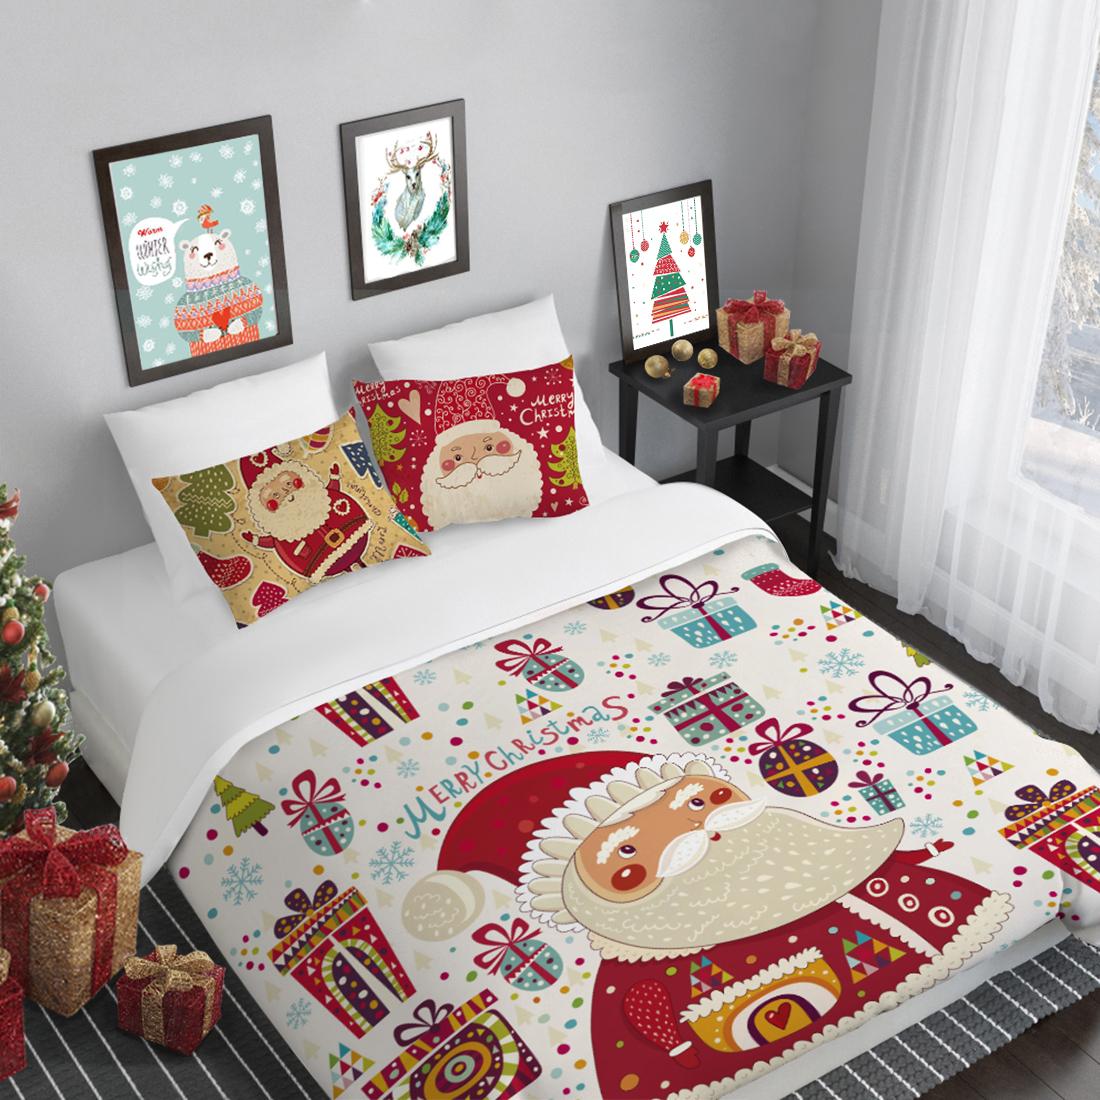 Постельное бельеPeachSoft 1,5 спальное